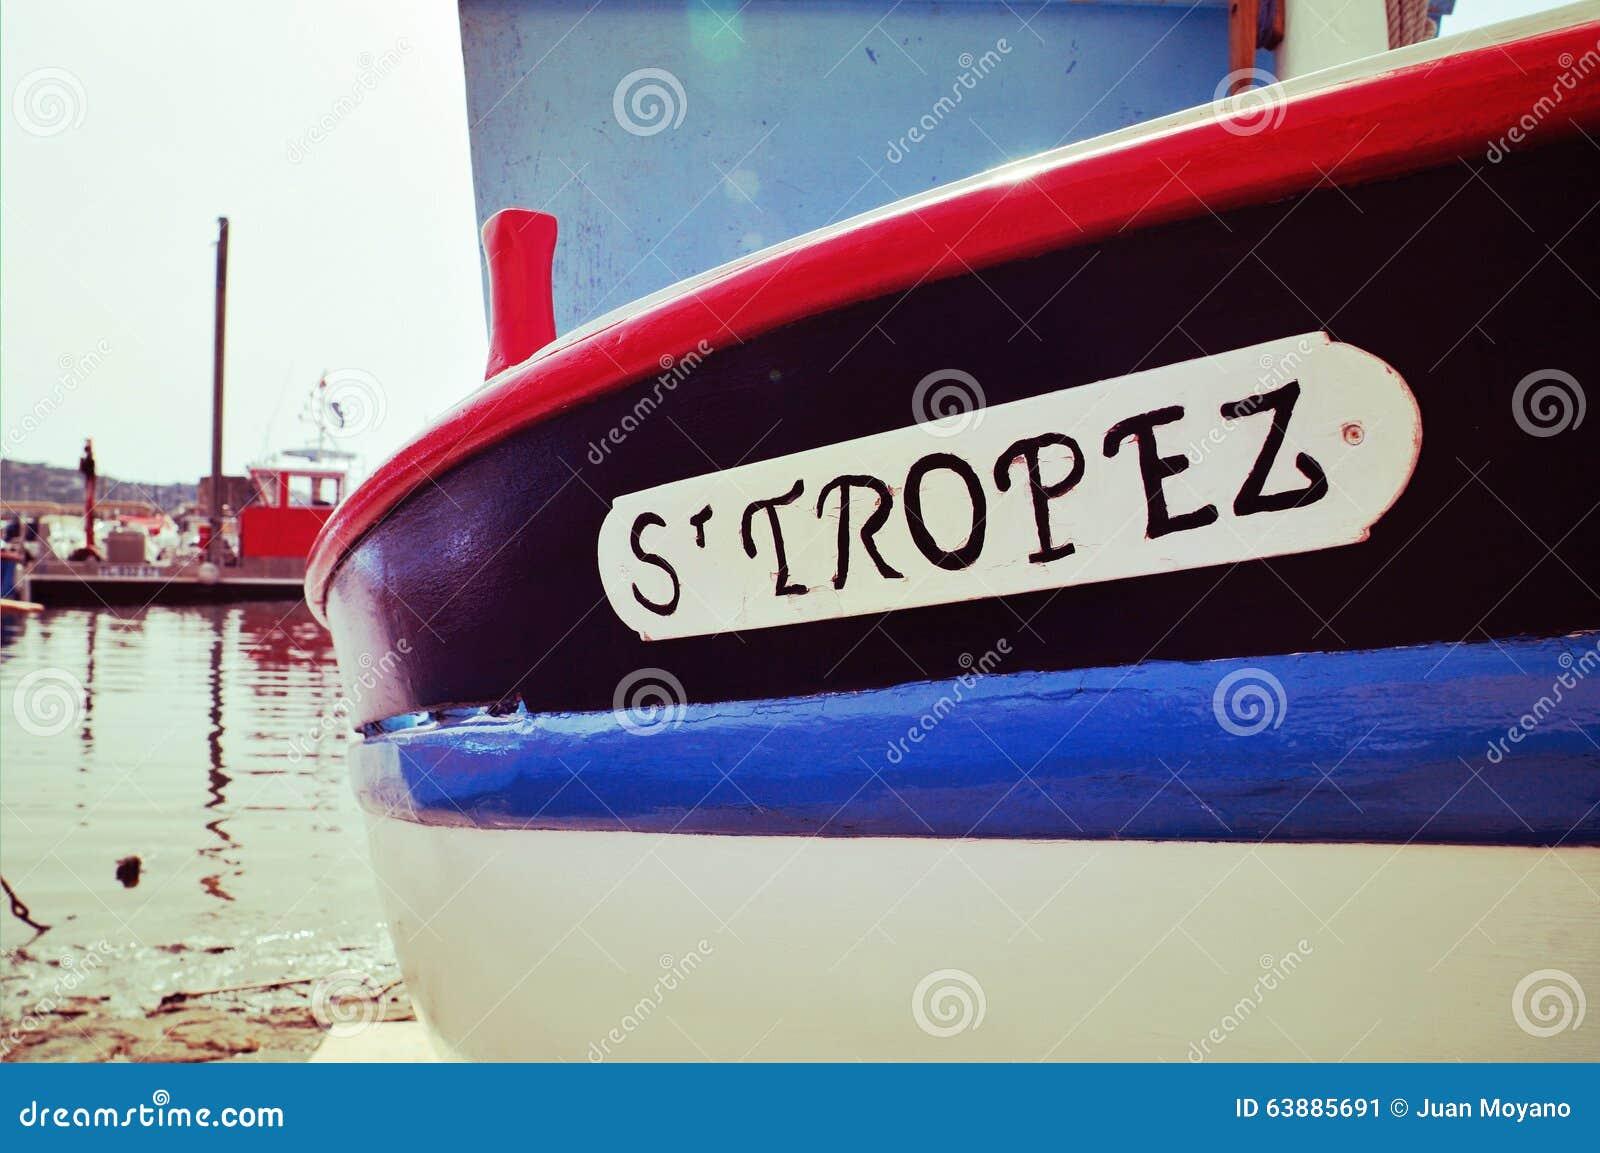 St Tropez escrito em um barco, com um efeito retro